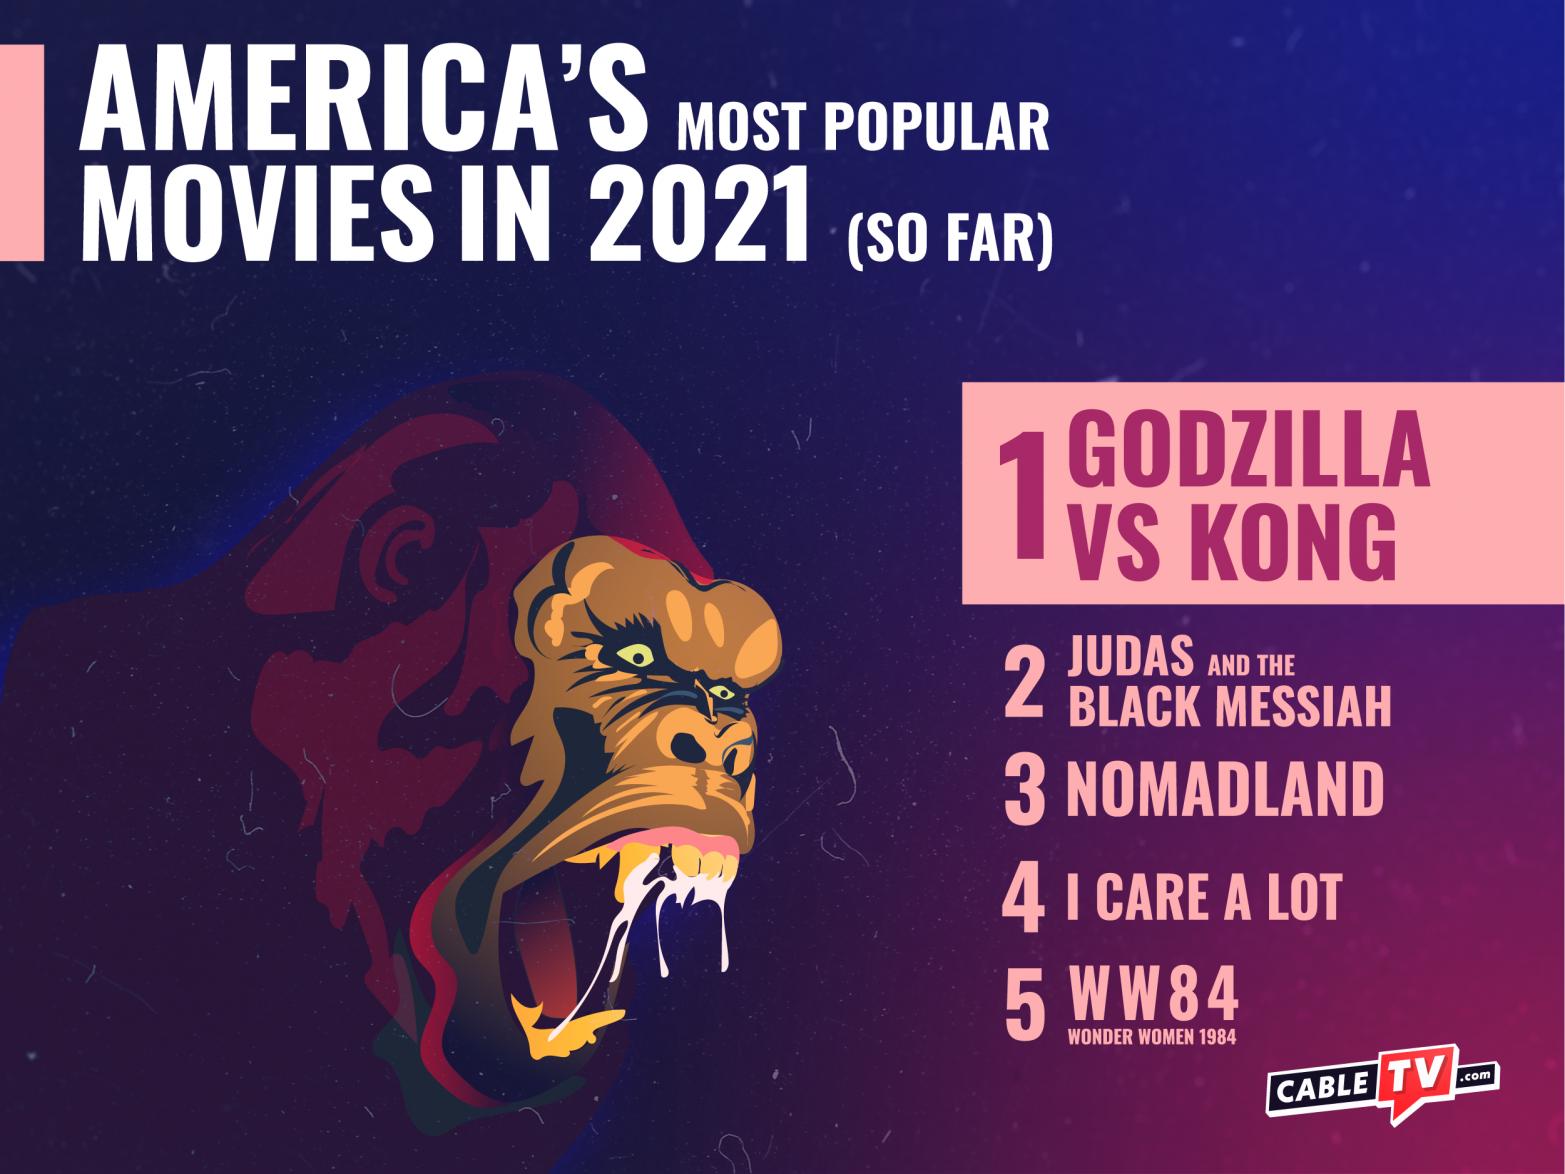 Americas Popular Movies 2021